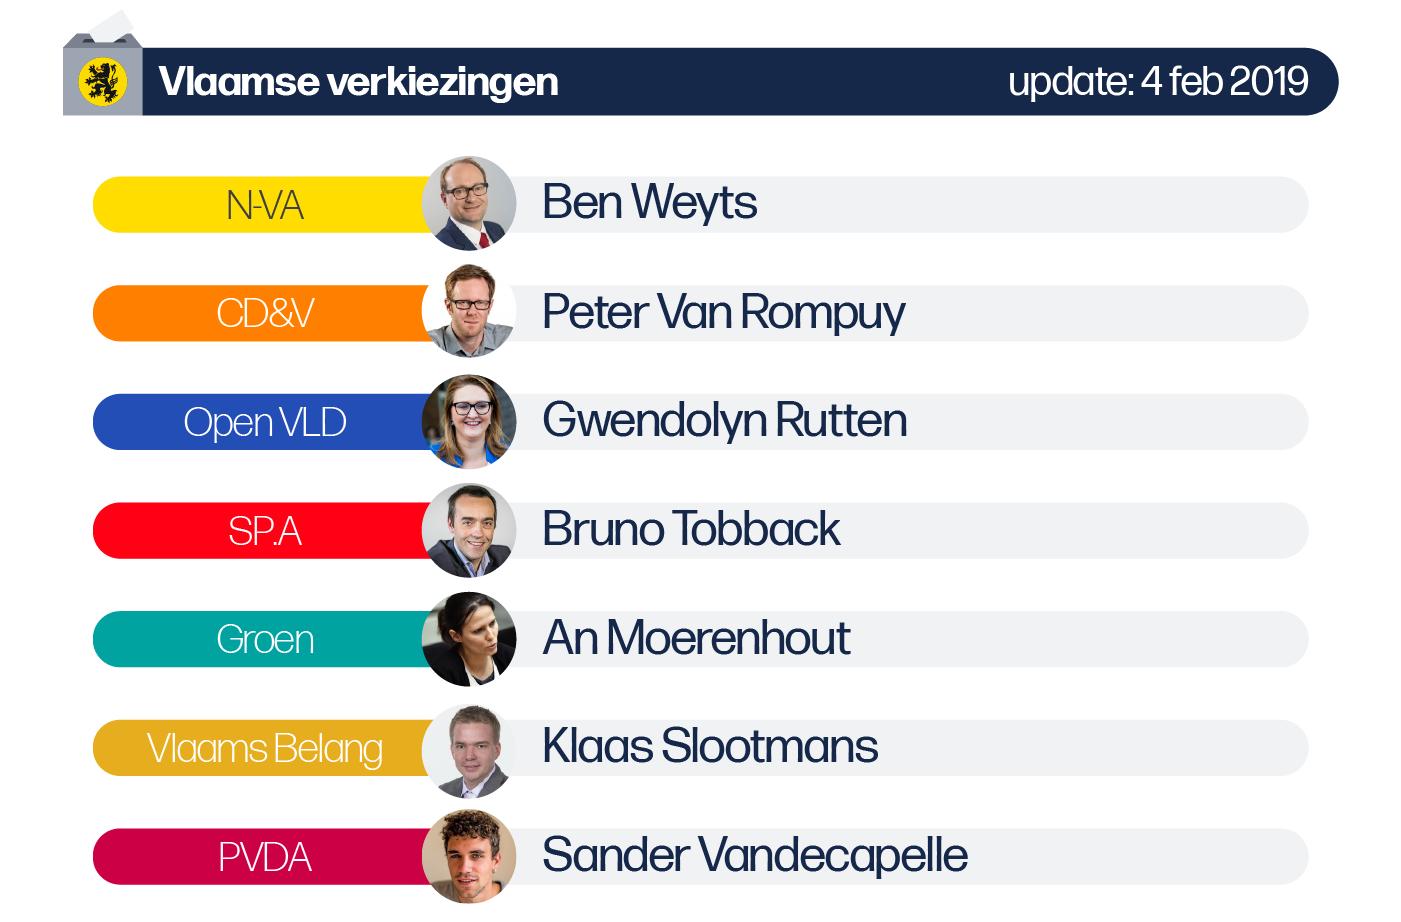 Deze afbeelding omvat volgende lijsttrekkers voor de Vlaamse verkiezingen van de provincie Vlaams-Brabant: N-VA: Ben Weyts, CD&V: Peter Van Rompuy, SP.A: Bruno Tobback, Vlaams Belang: Klaas Slootmans